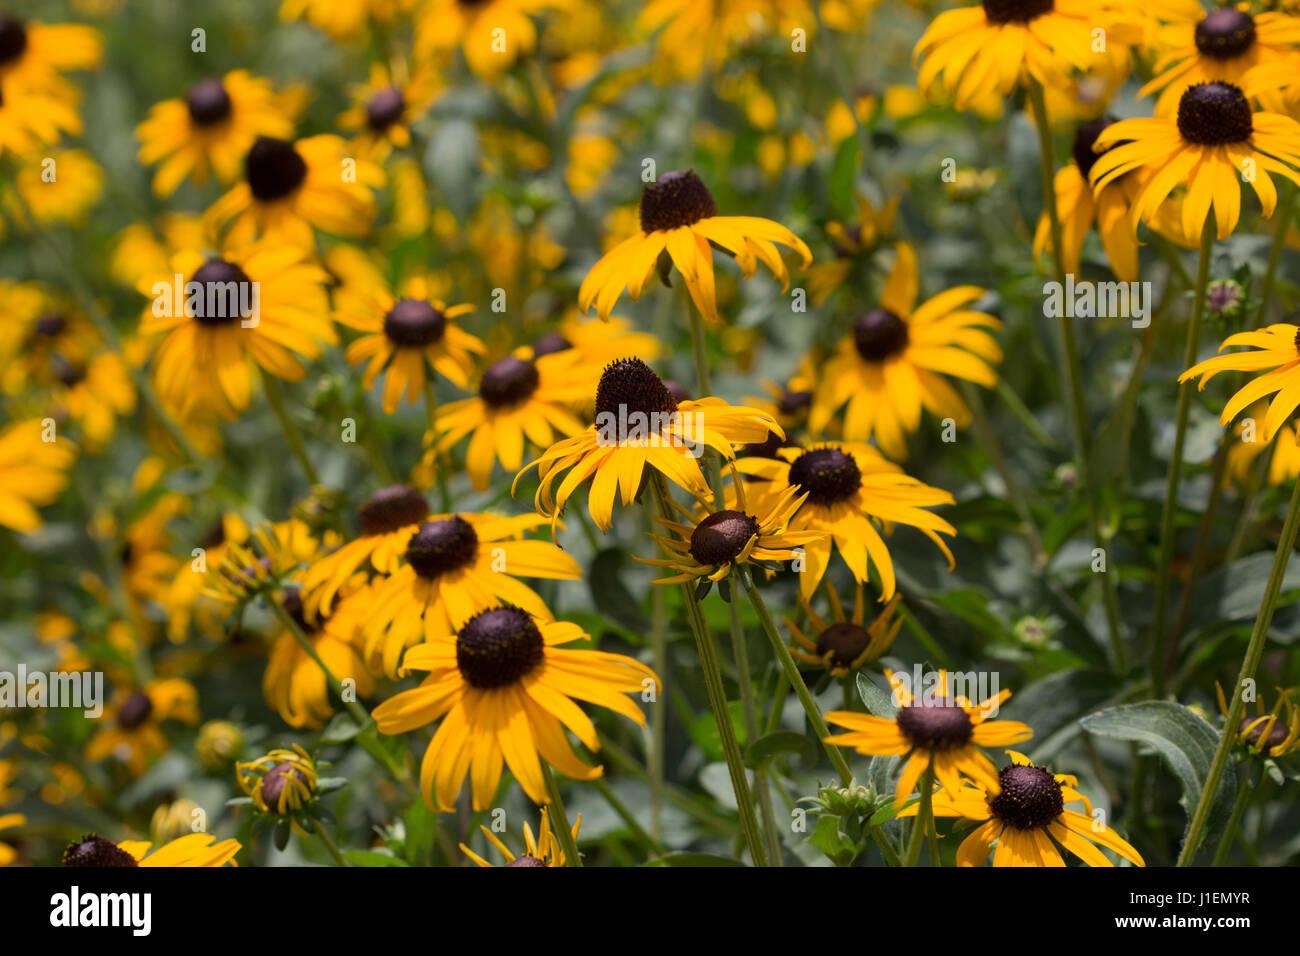 Yellow Coneflower Field Stock Photos Yellow Coneflower Field Stock